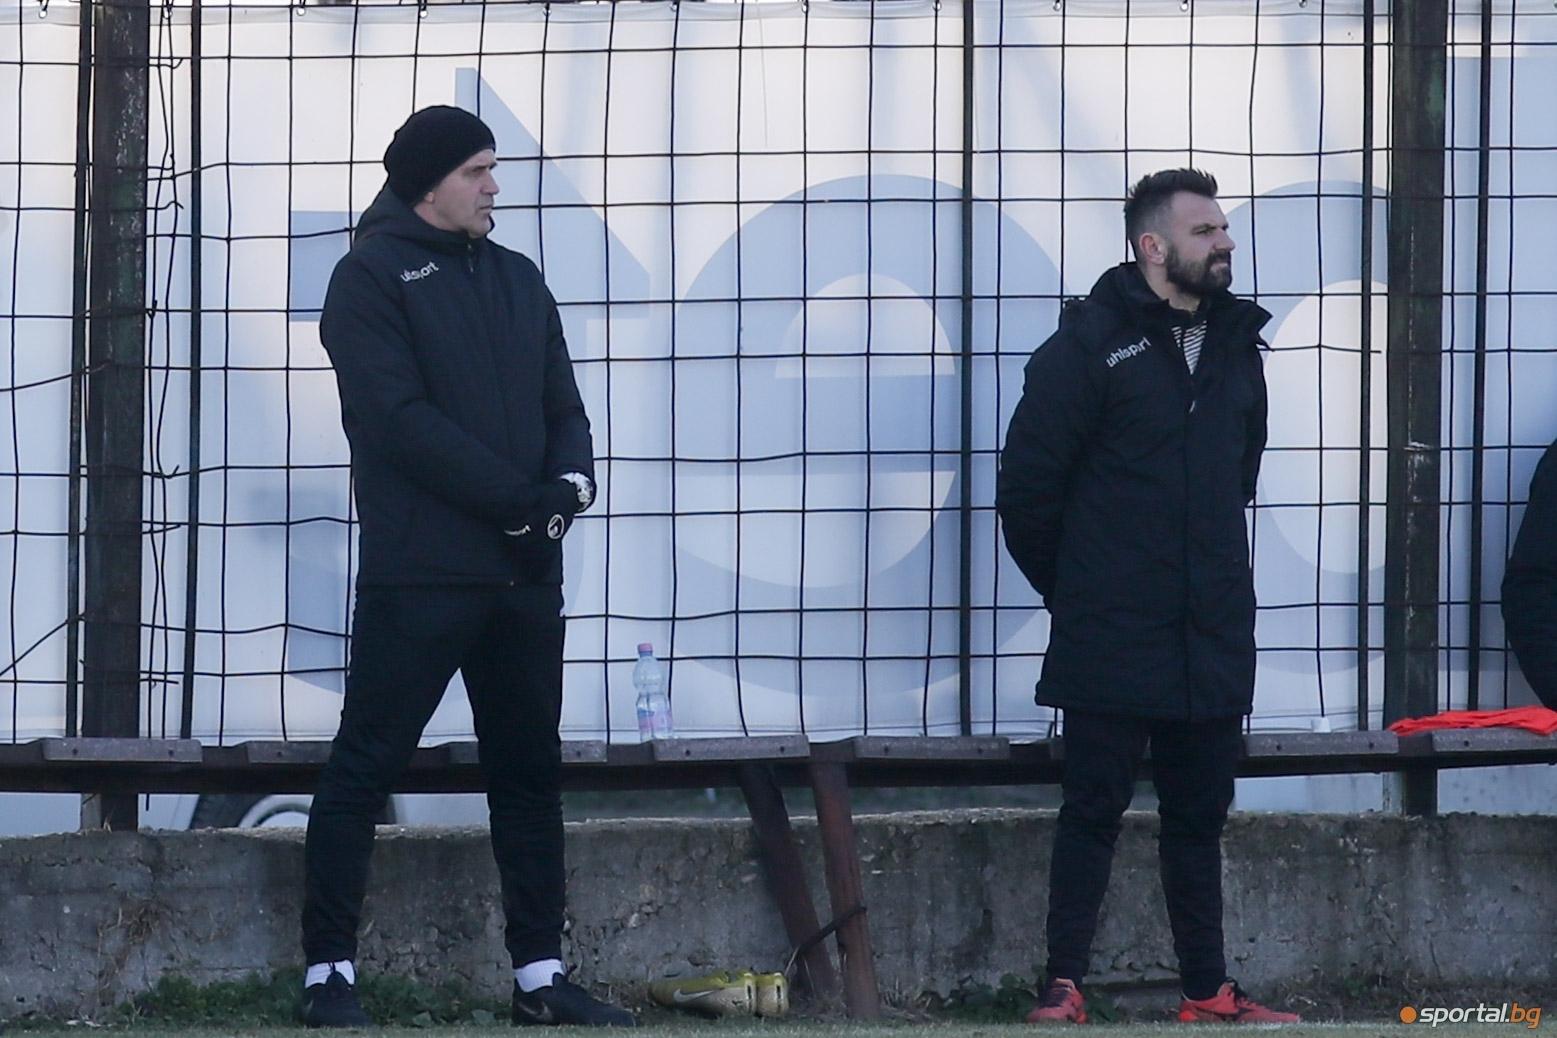 Представителният отбор на Локомотив (Пловдив) ще изиграе днес (23.01) първата